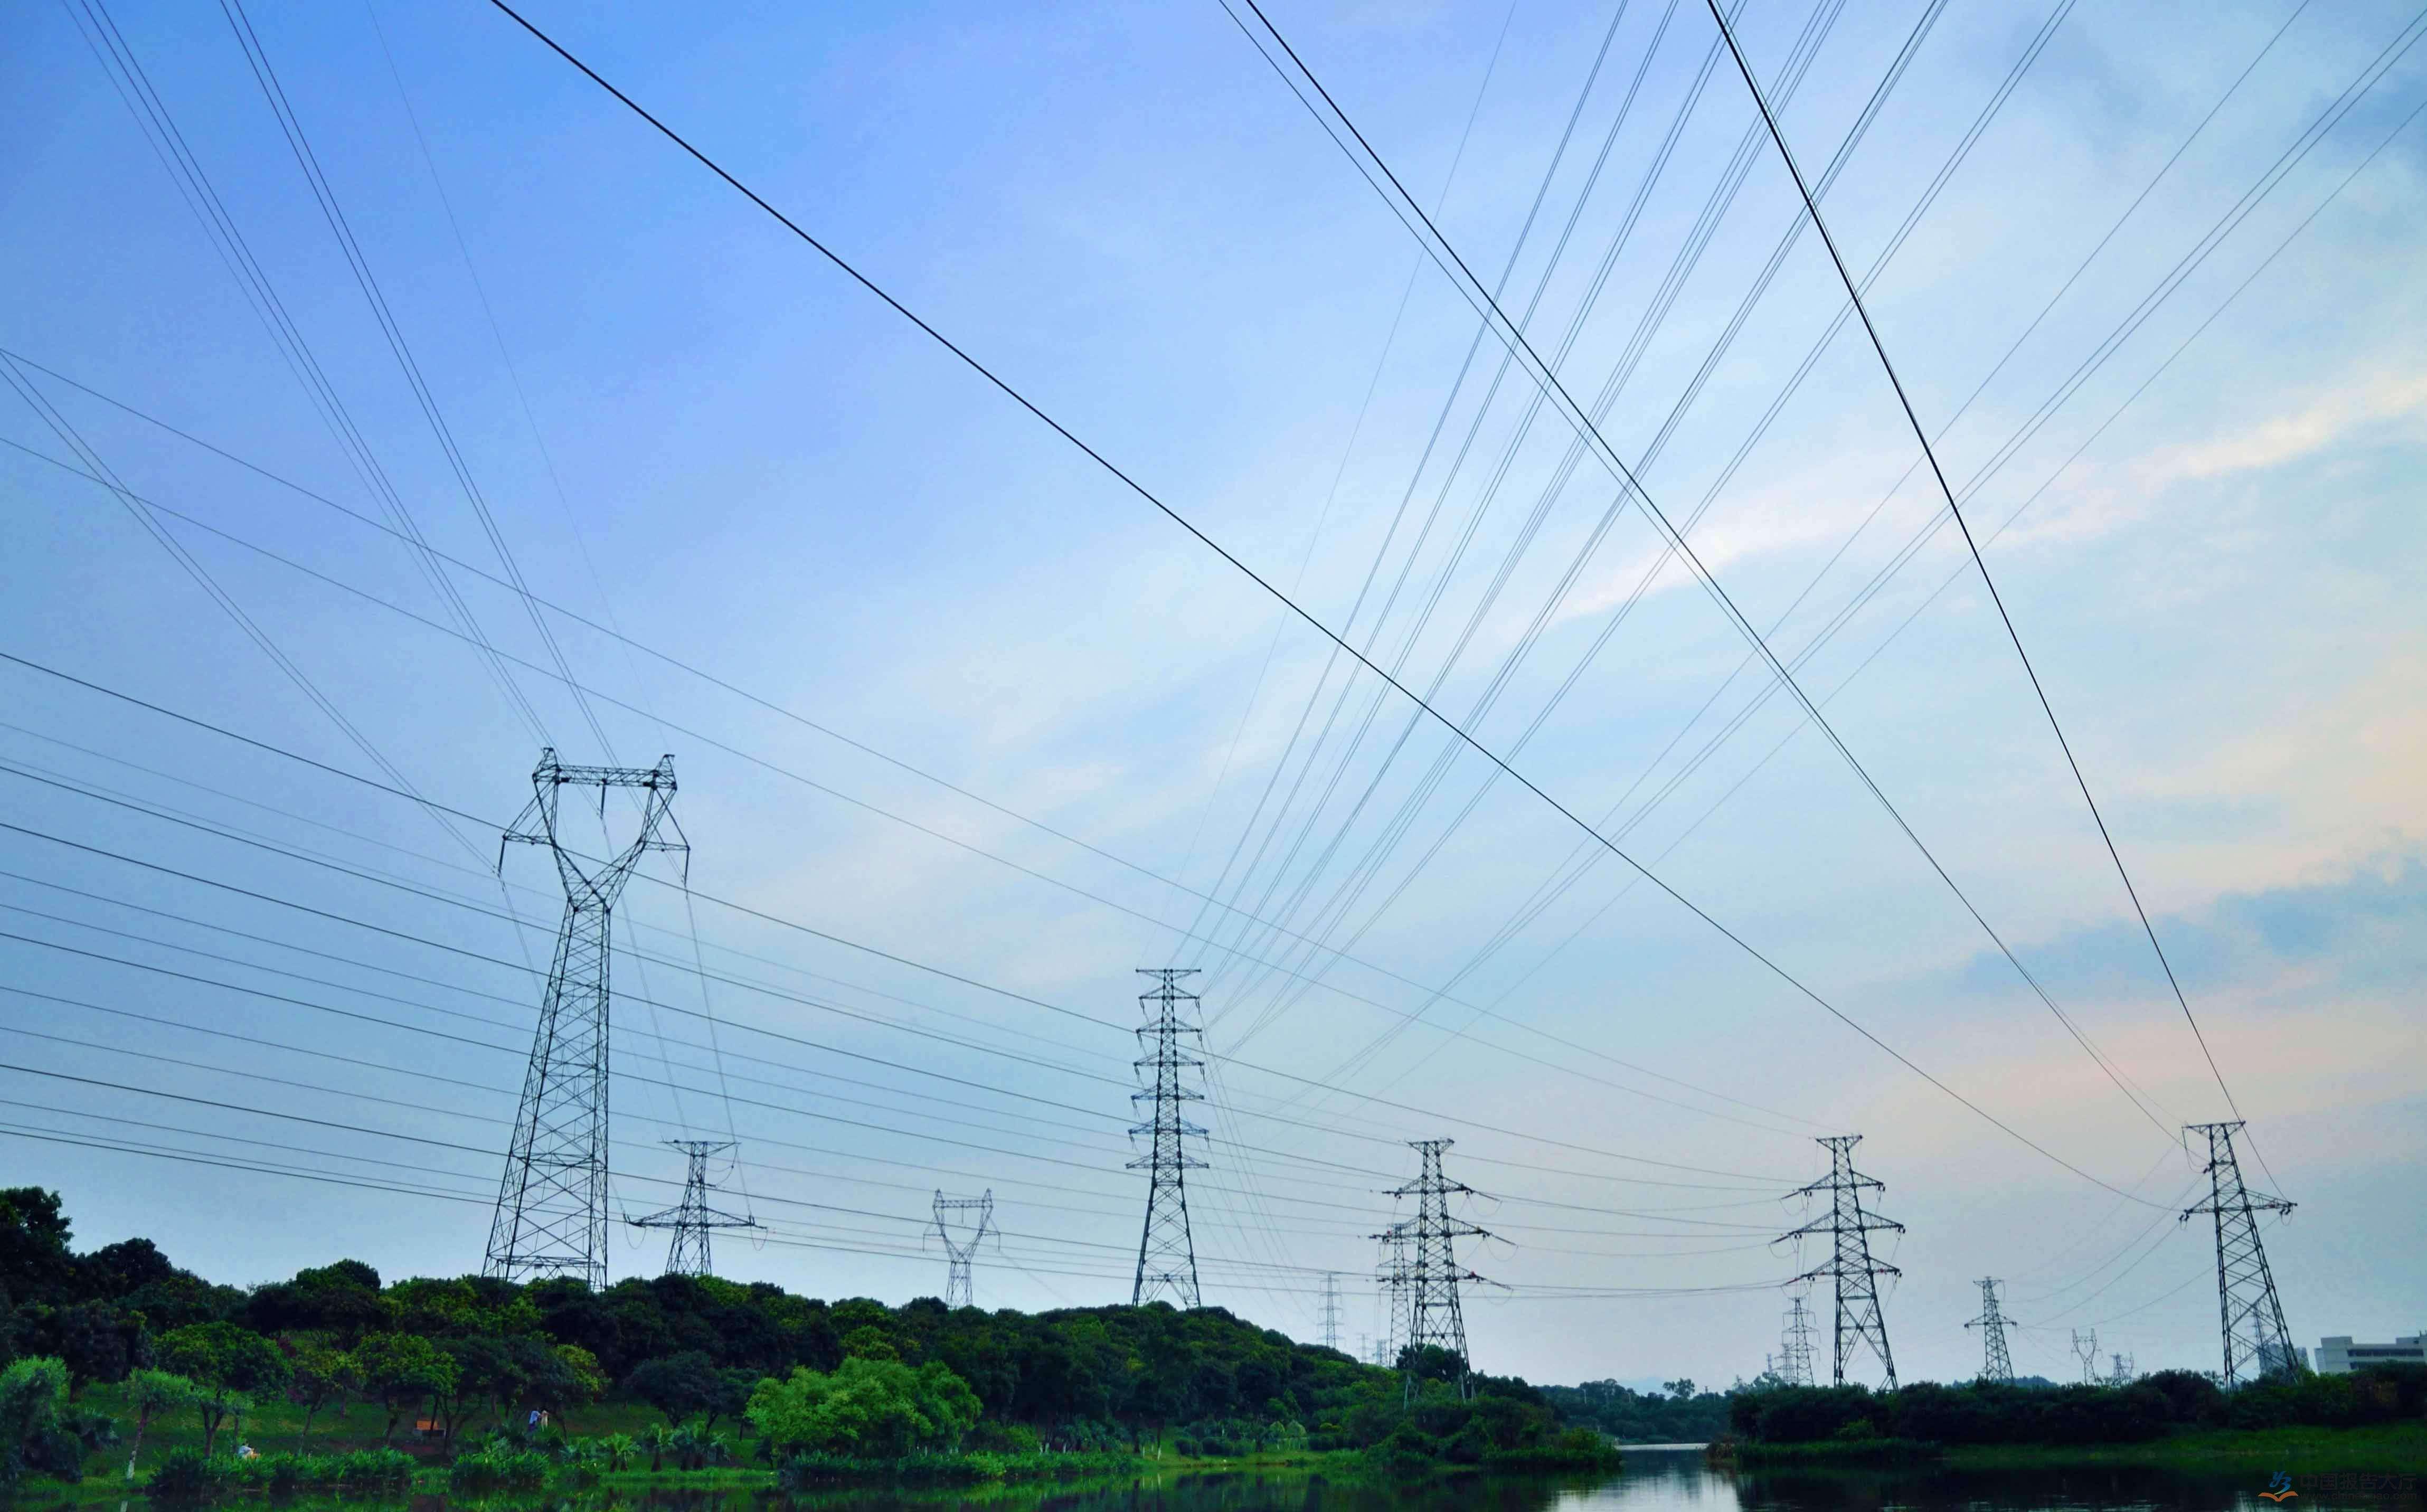 国网河北电力已在雄安新区多处布局将全面发力推动雄安电网的建设